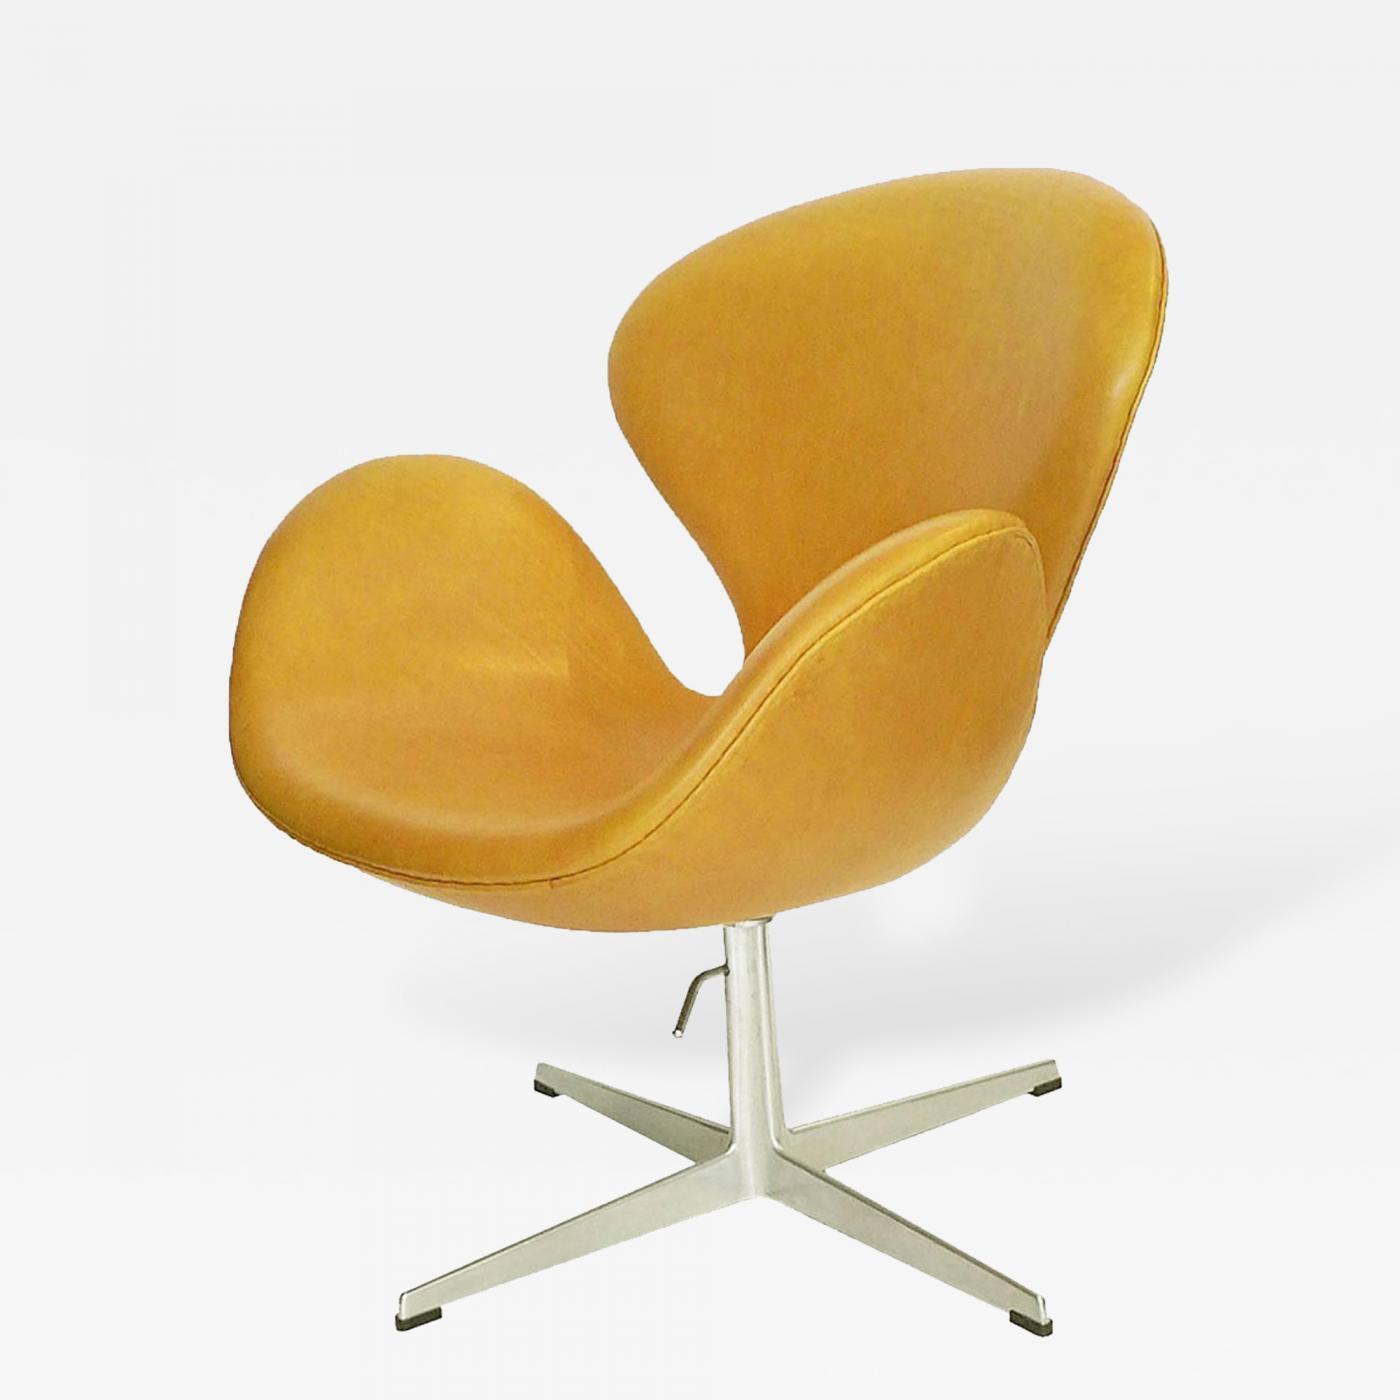 arne jacobsen adjustable swan chair by arne jacobsen in golden tan